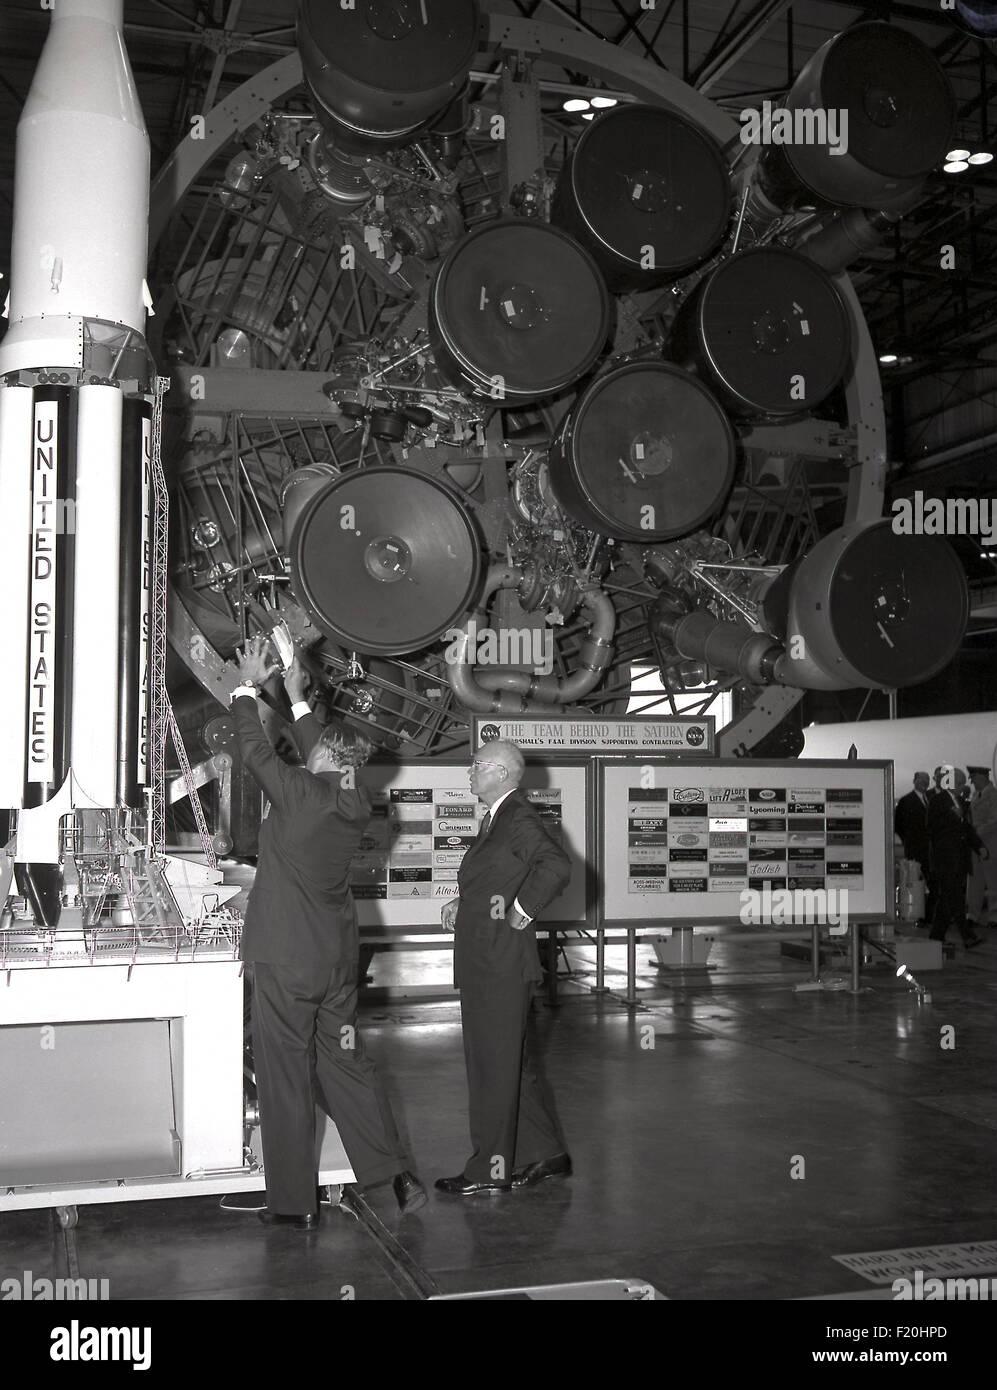 Rocket scientist Wernher von Braun shows U.S. President Dwight Eisenhower a model of the Saturn V rocket during - Stock Image